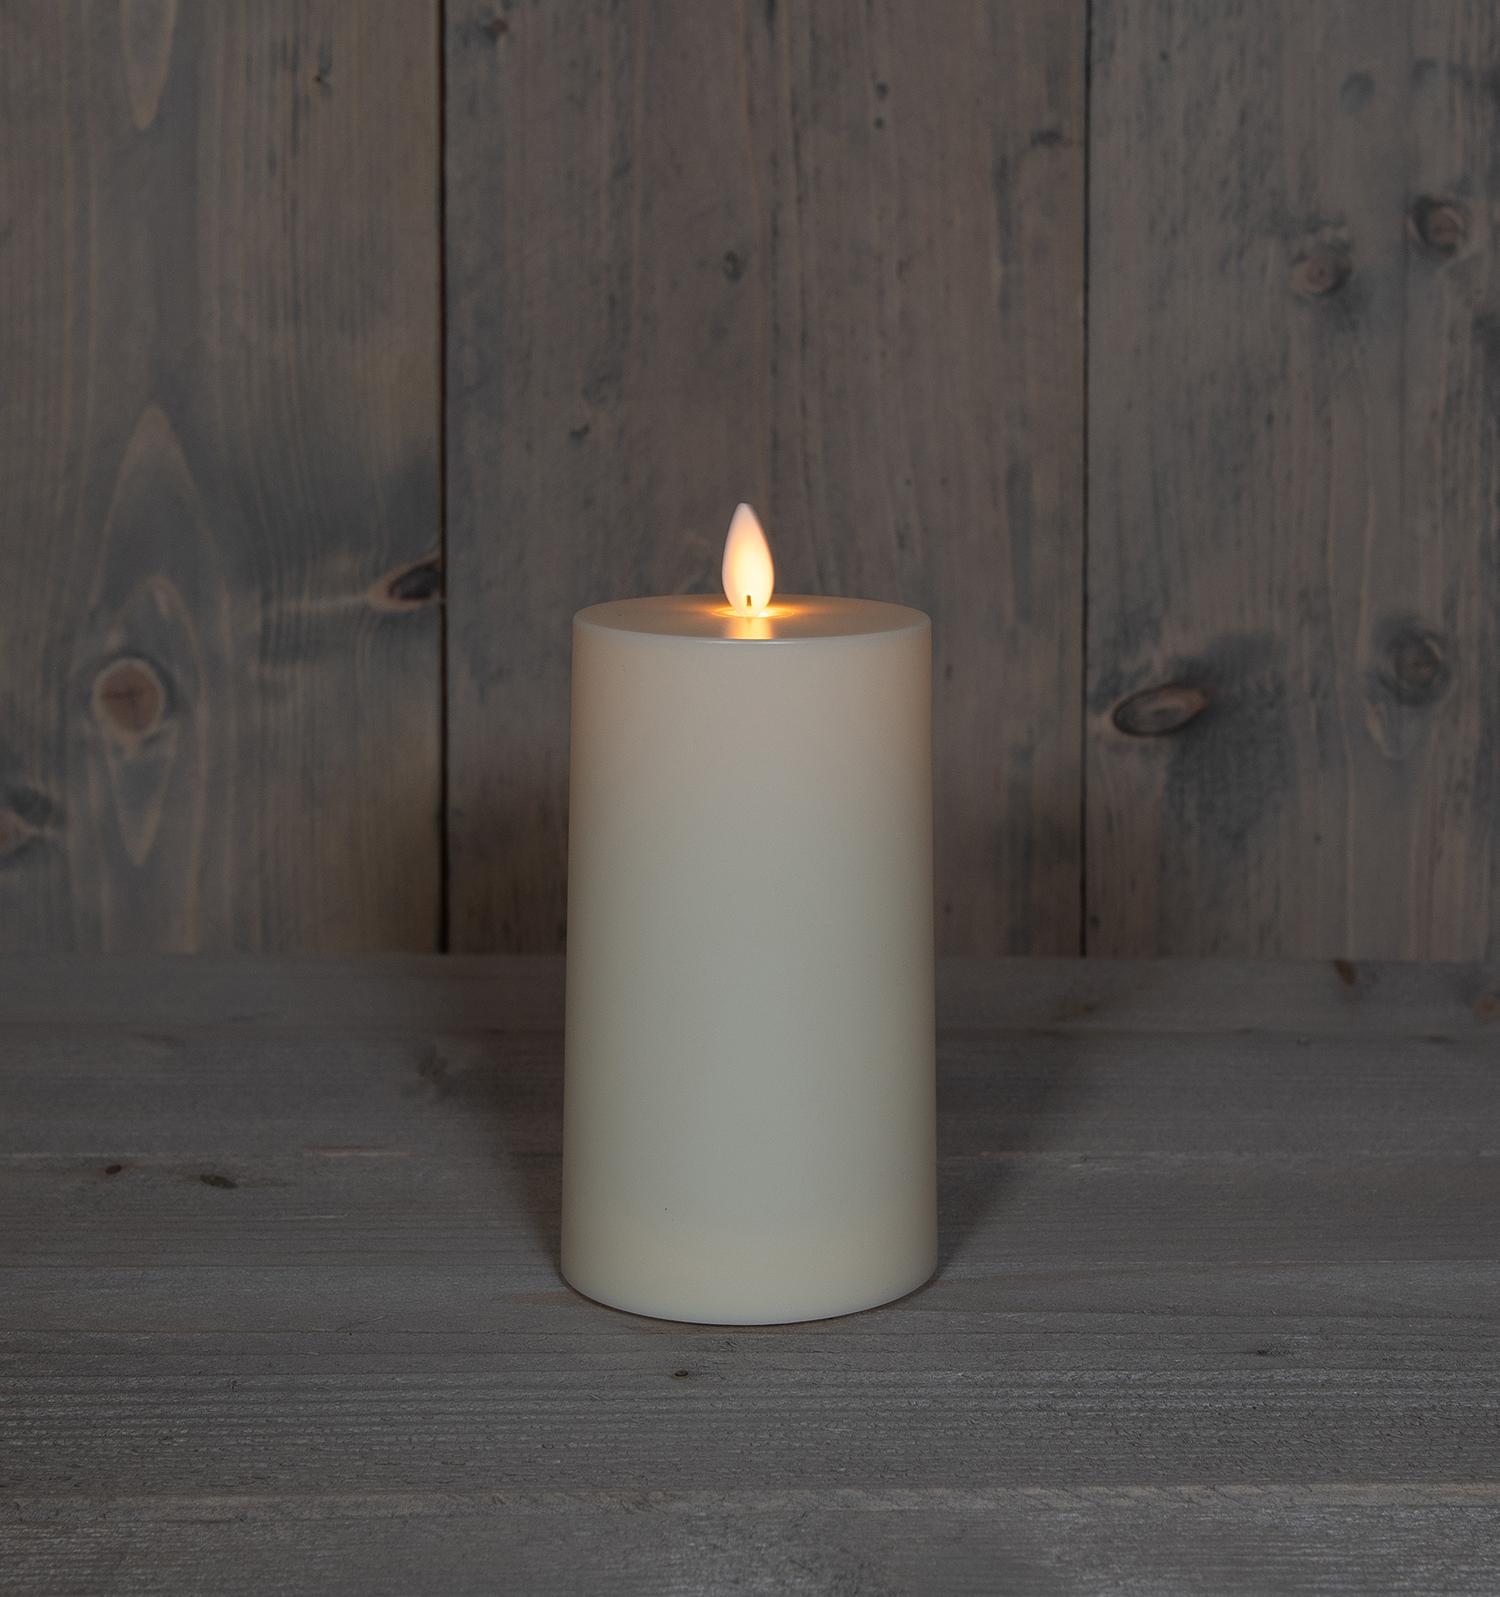 Kerze Elfenbein 8x14 cm auch für außen Image